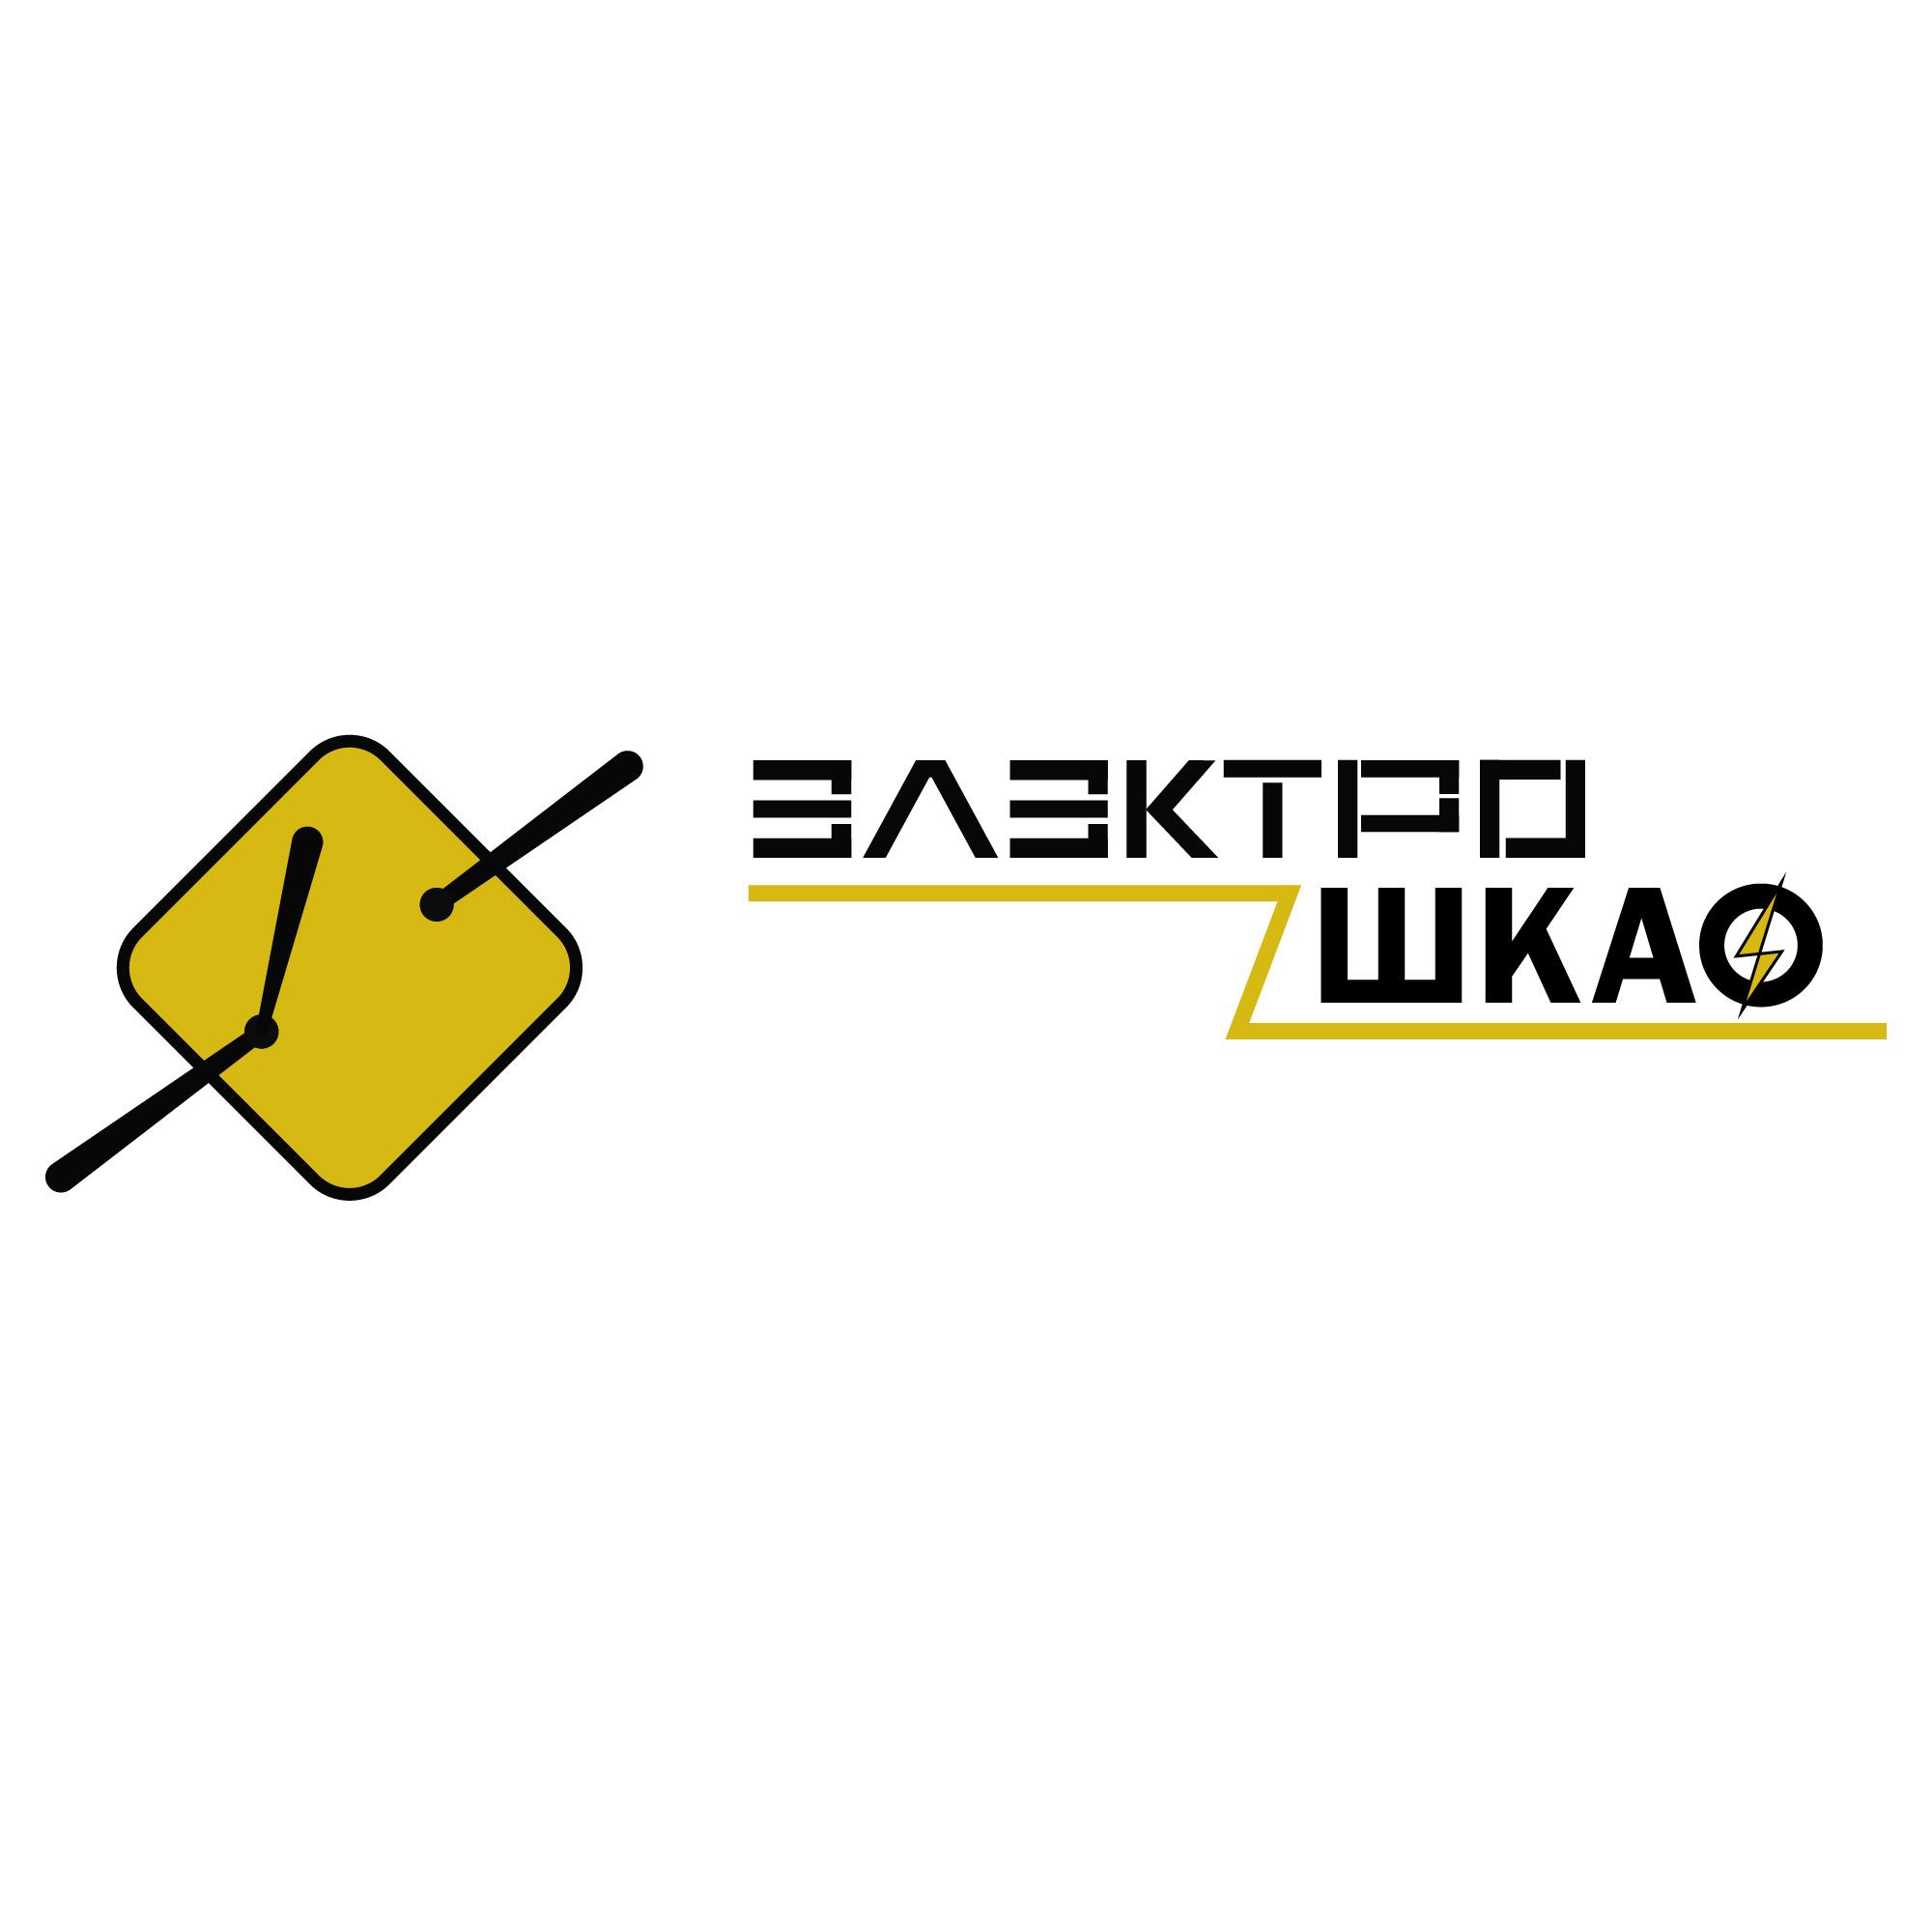 Разработать логотип для завода по производству электрощитов фото f_8275b713448c00f6.jpg